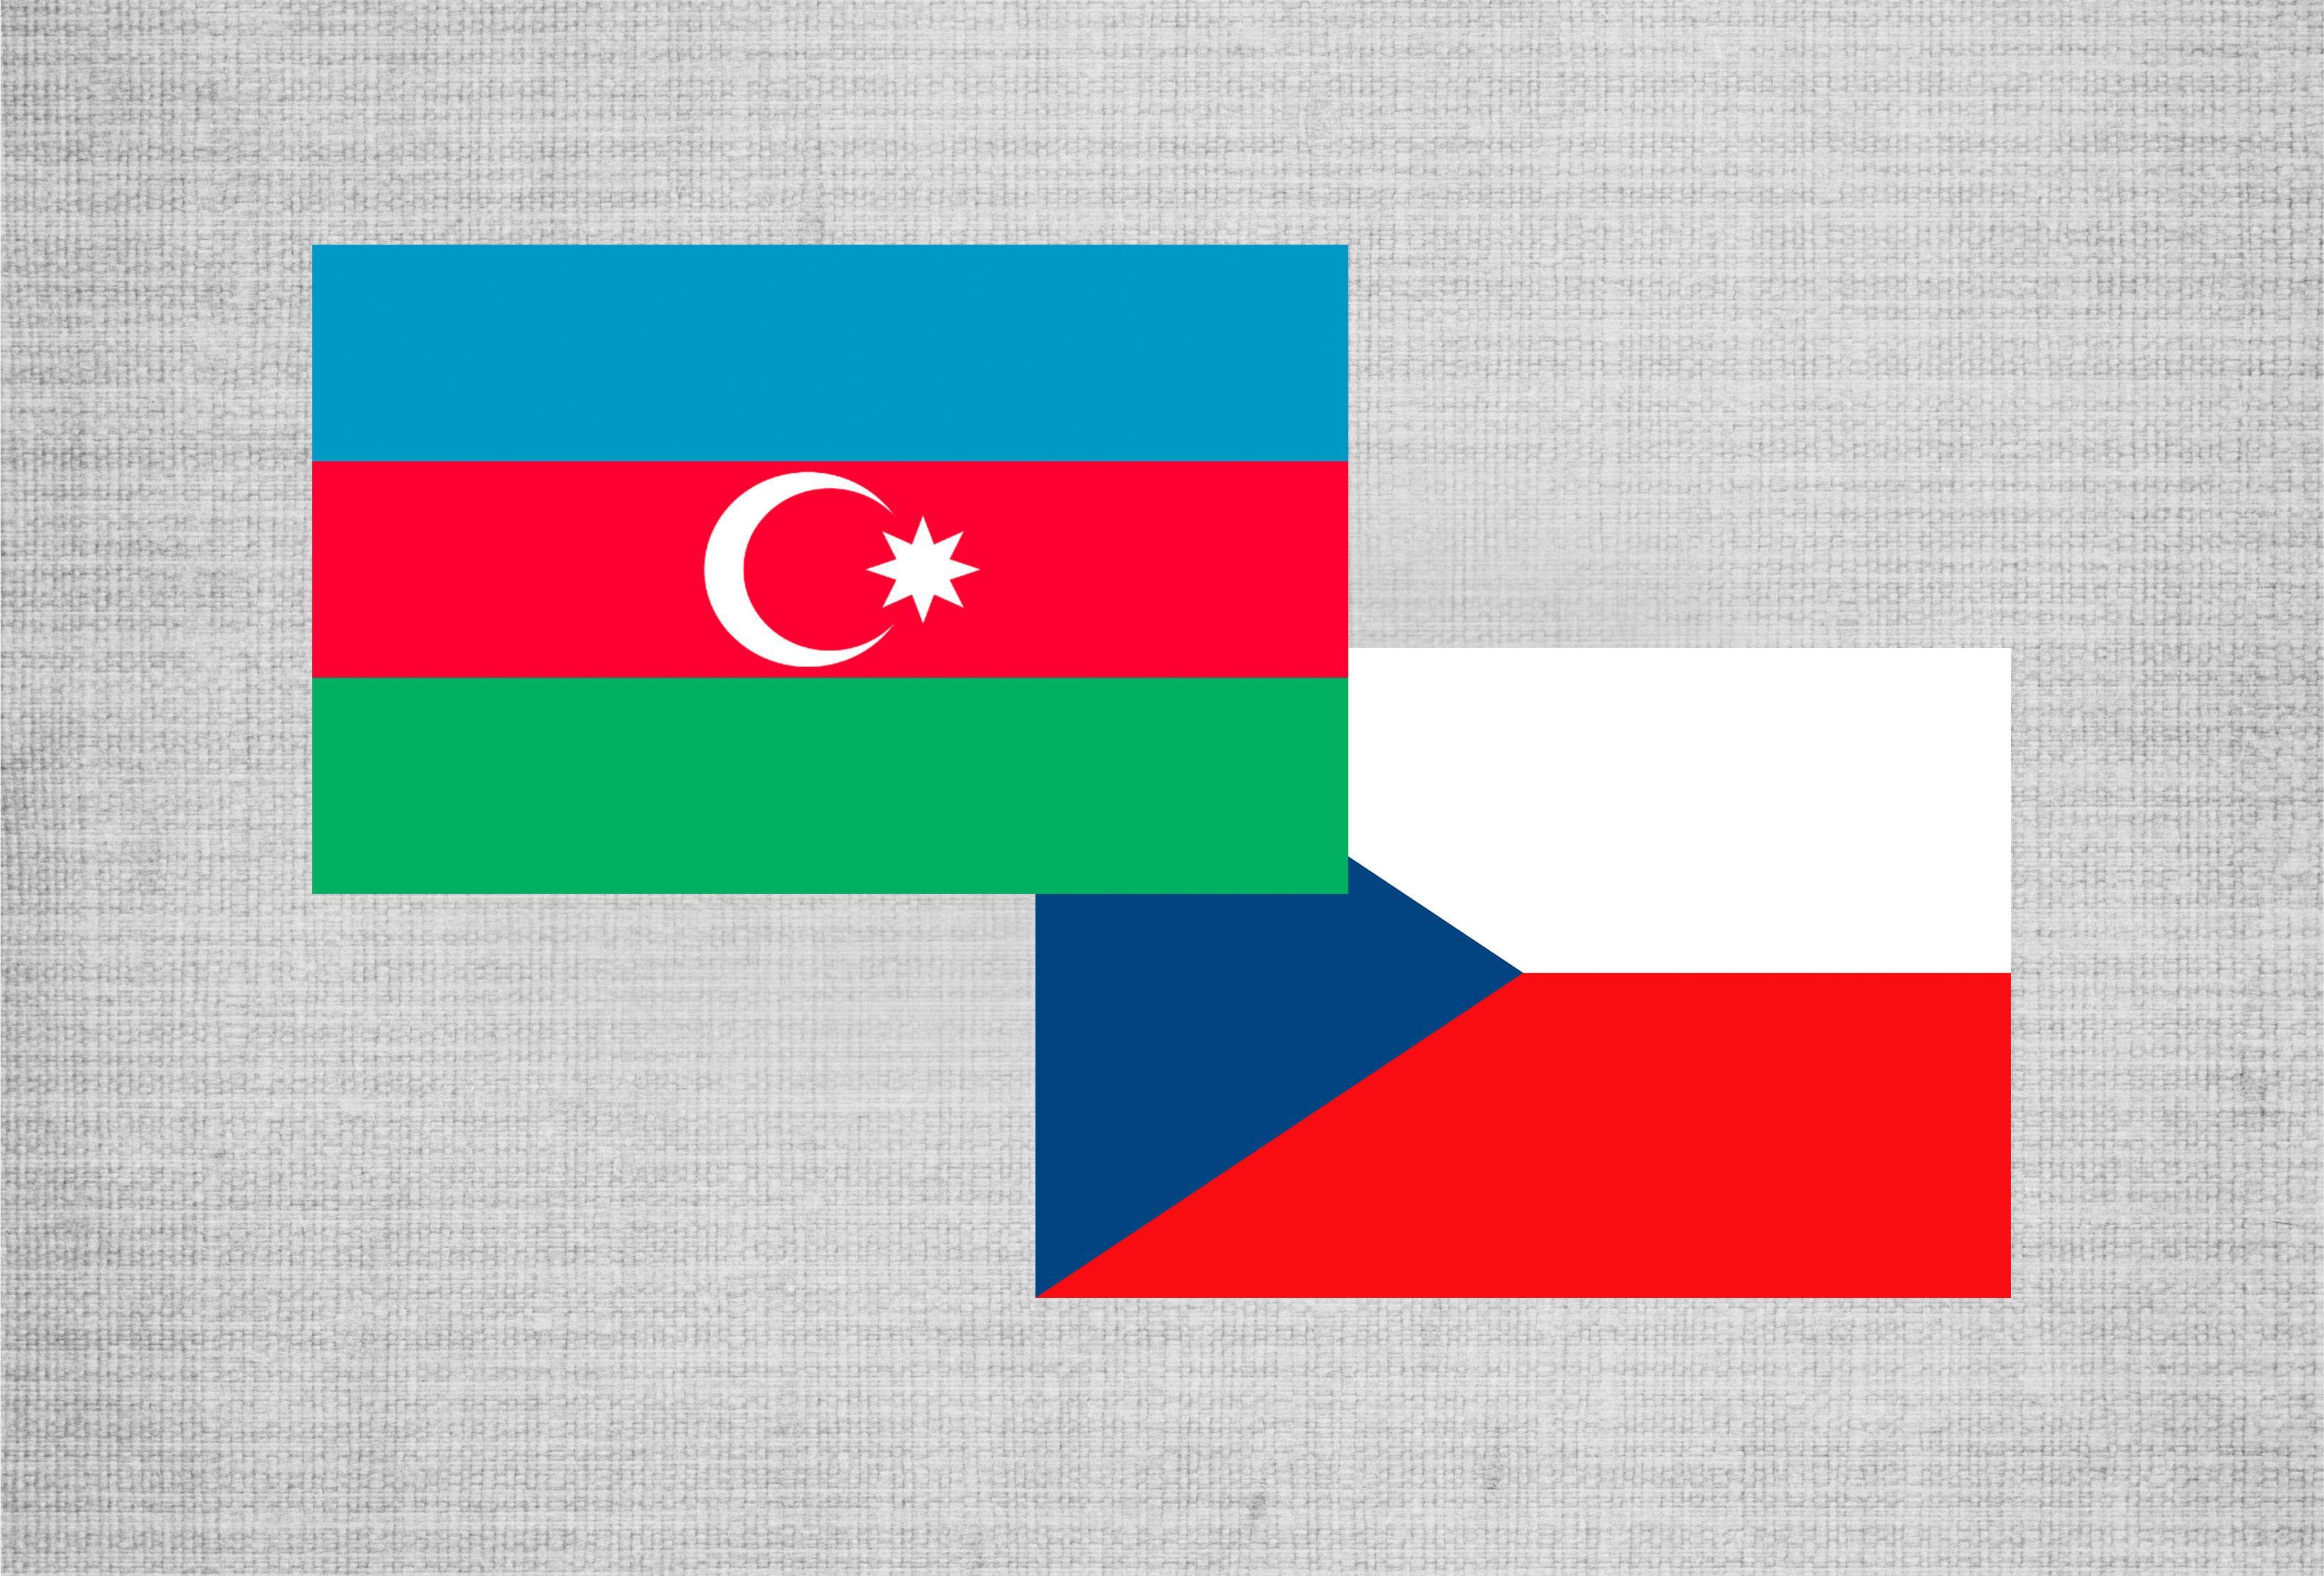 Государственный секретарь МИД Чехии прибыл в Азербайджан